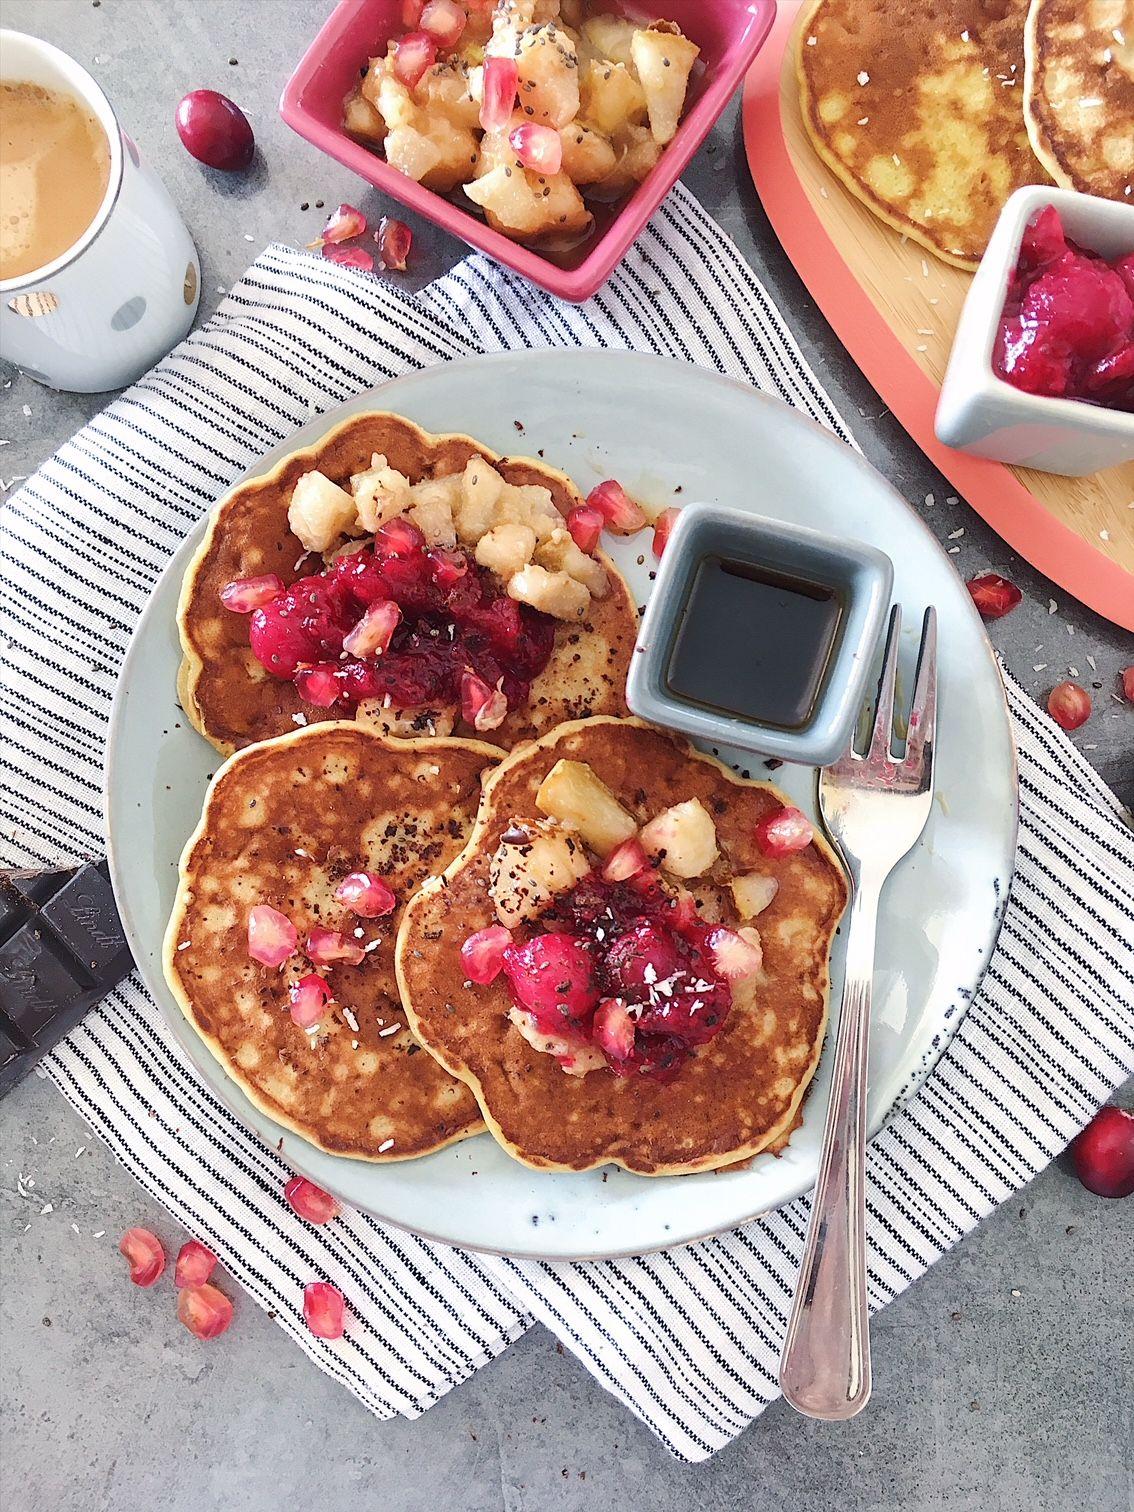 Pancakes sans gluten et sans lactose, indice glycémique bas